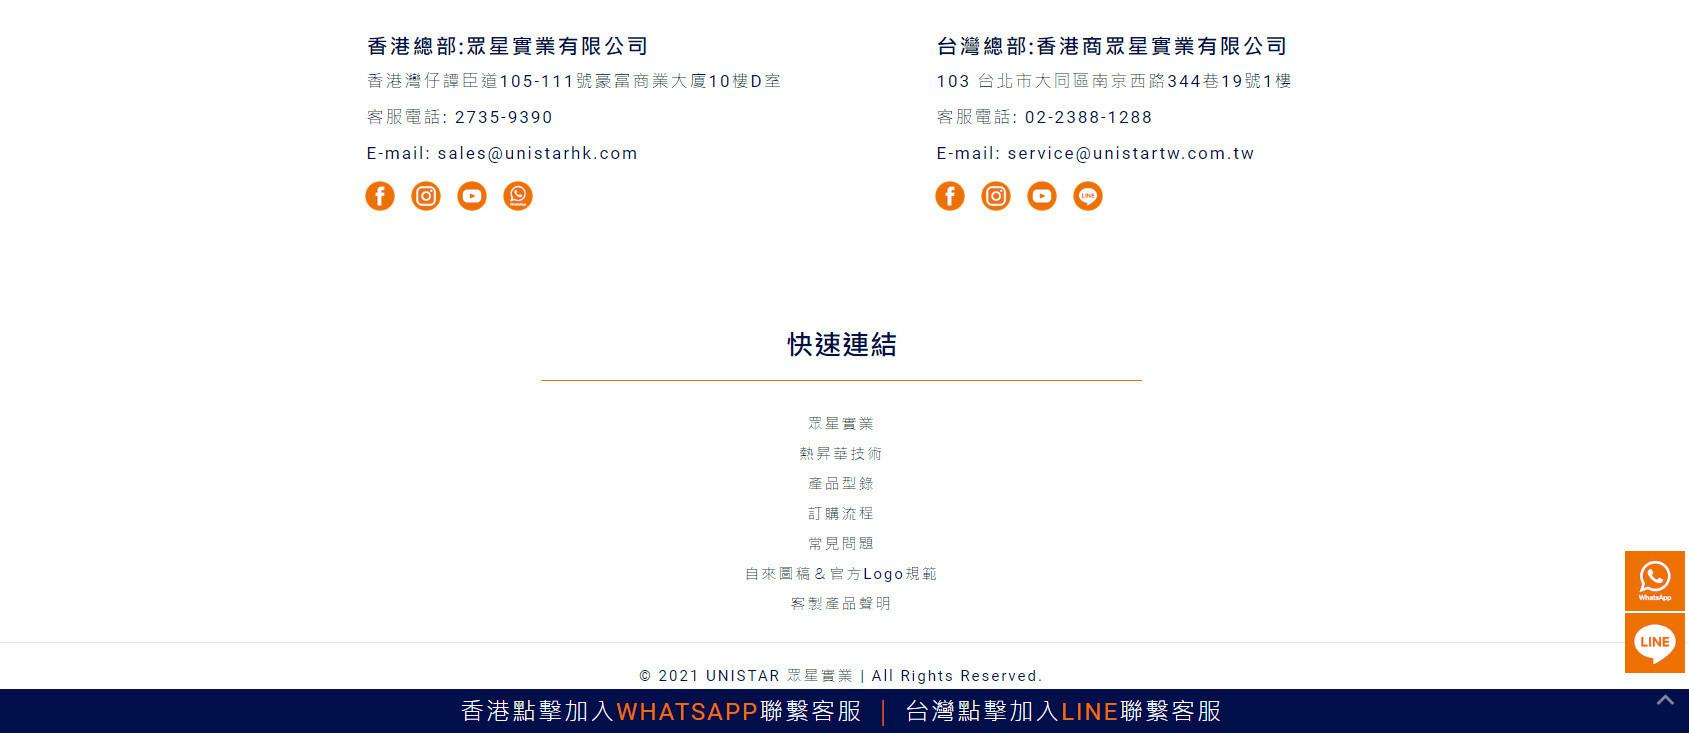 台北SEO網頁優化成功案例-眾星實業即時預約|鯊客科技SEO優化網站設計成功案例